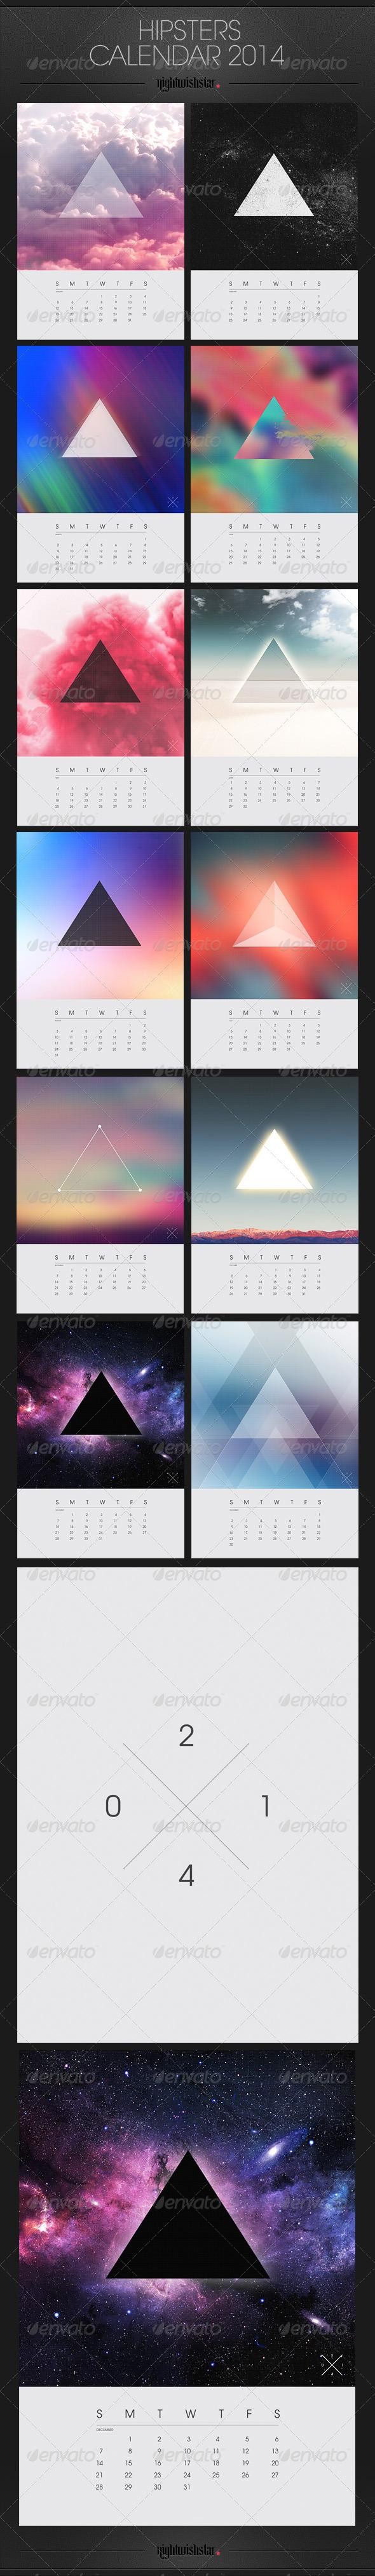 GraphicRiver Hipster Calendar 2014 6318880